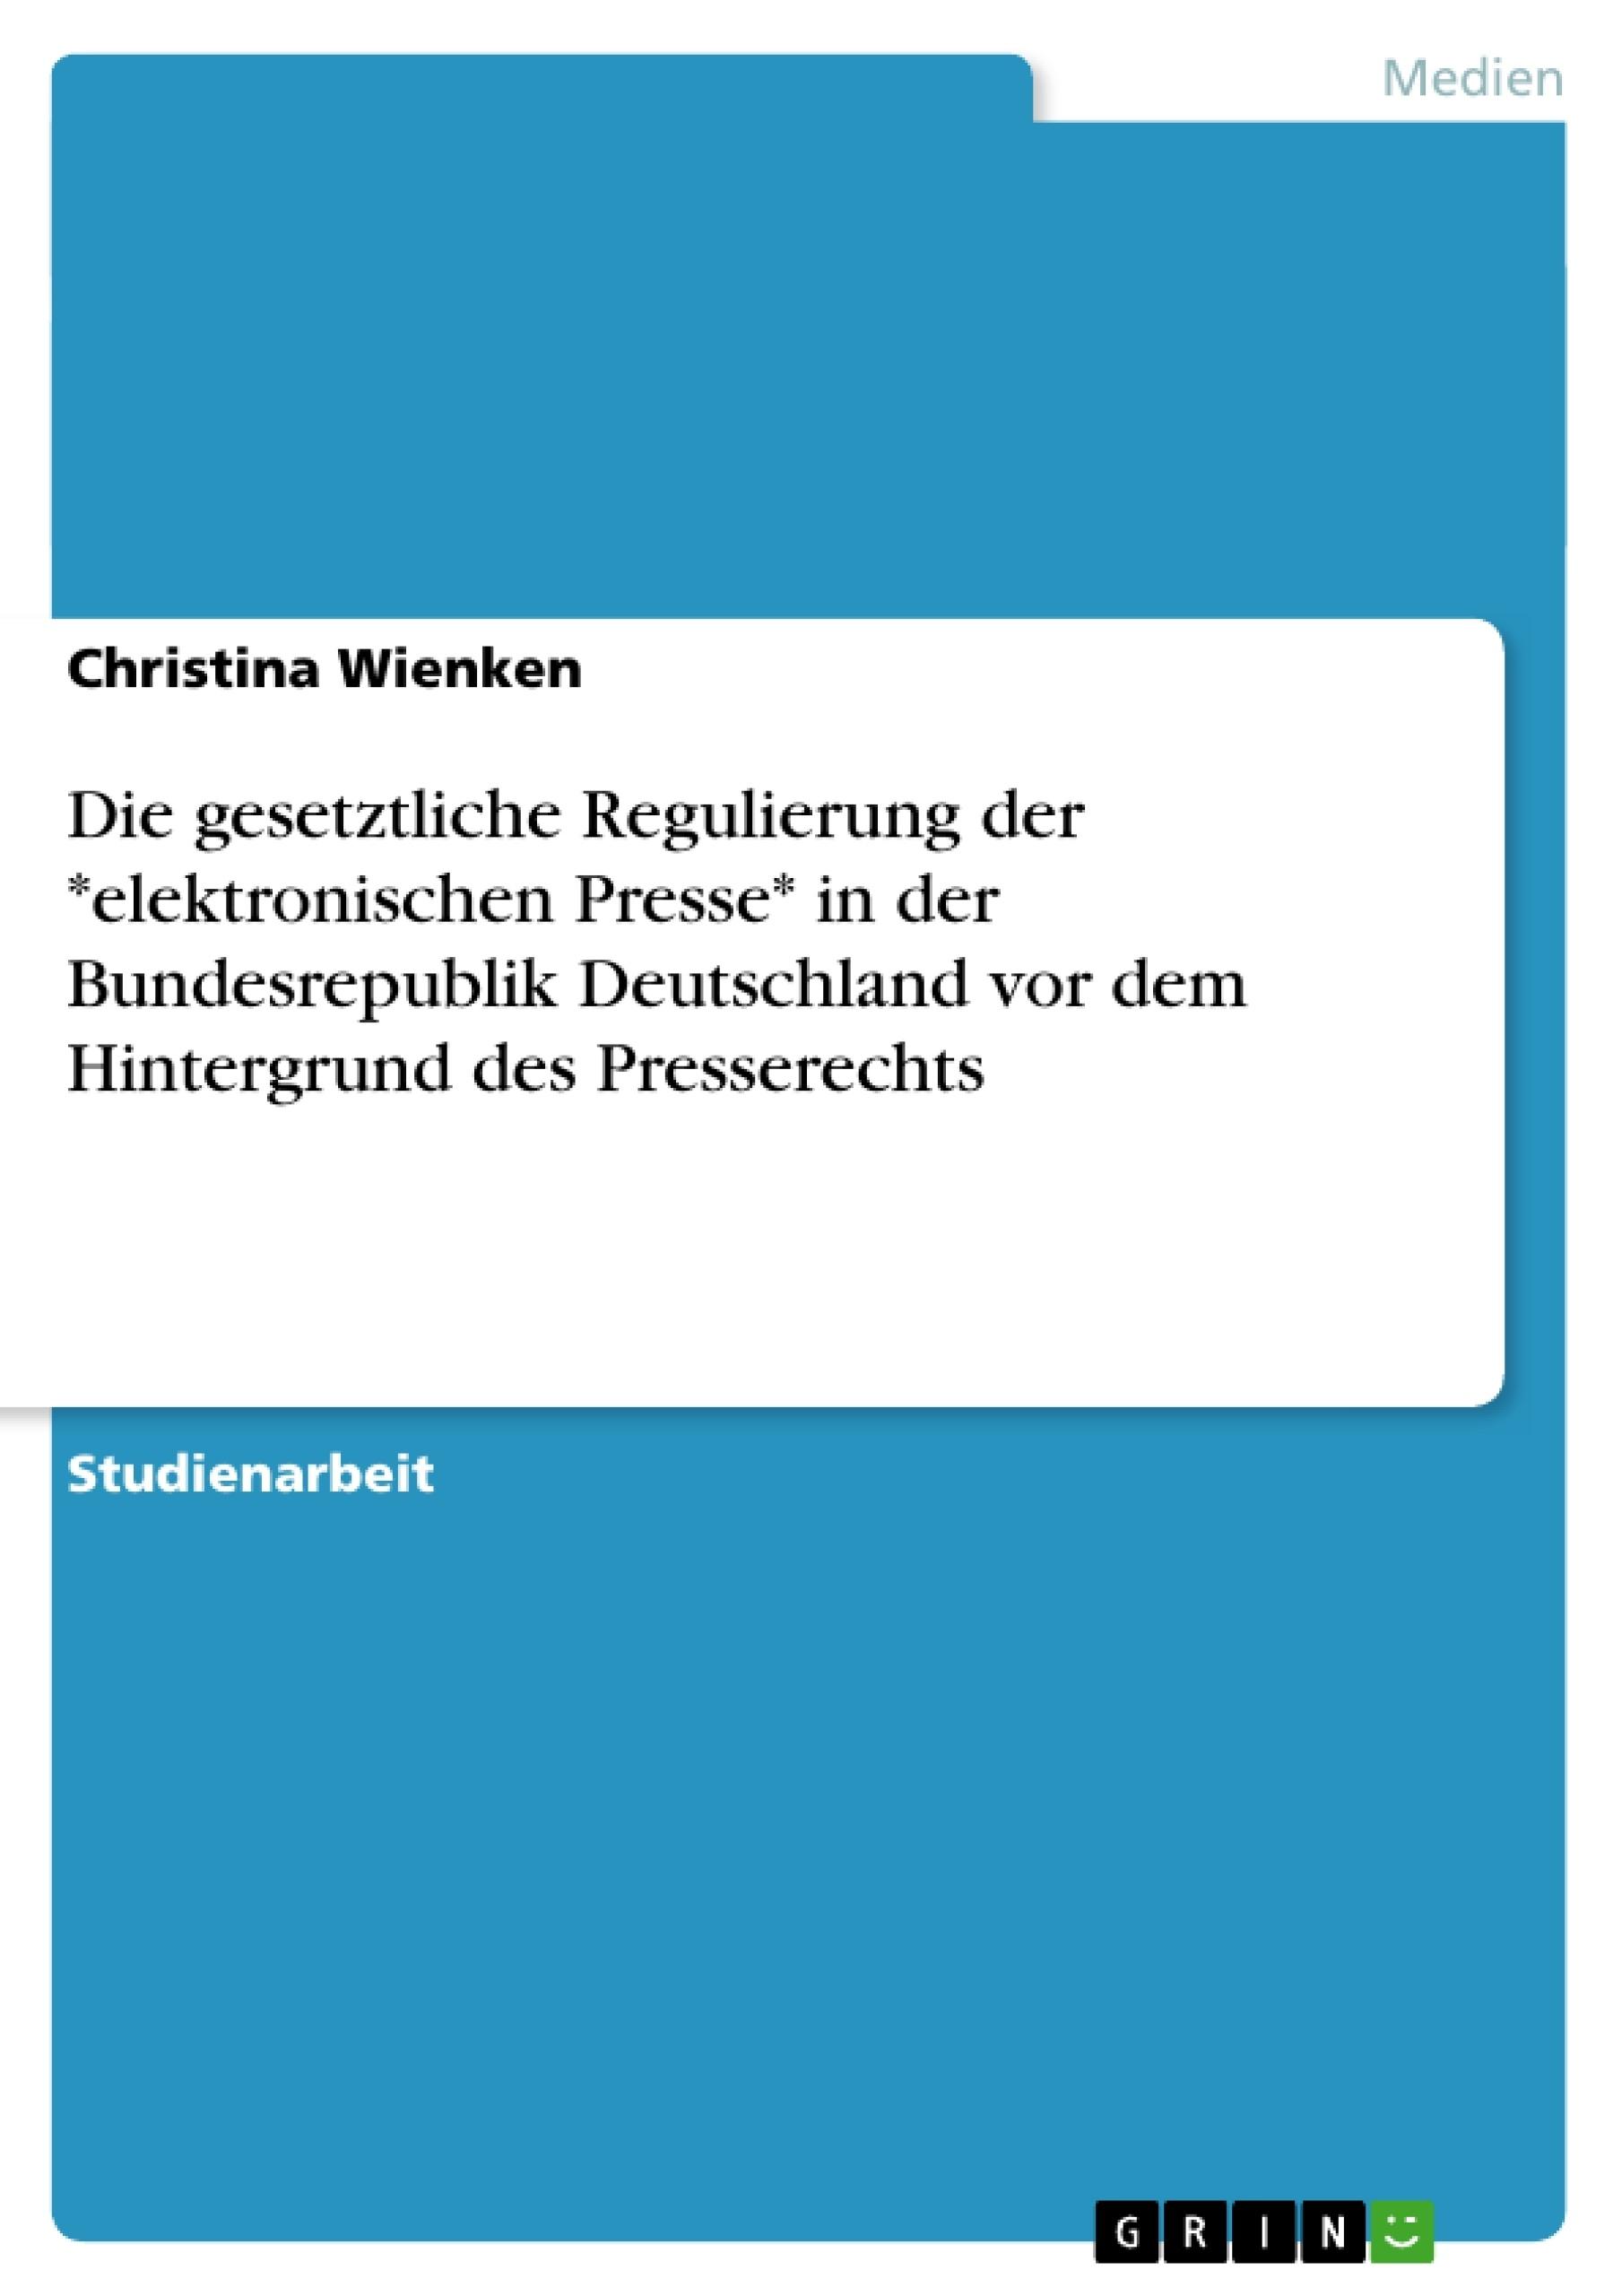 Titel: Die gesetztliche Regulierung der *elektronischen Presse* in der Bundesrepublik Deutschland vor dem Hintergrund des Presserechts